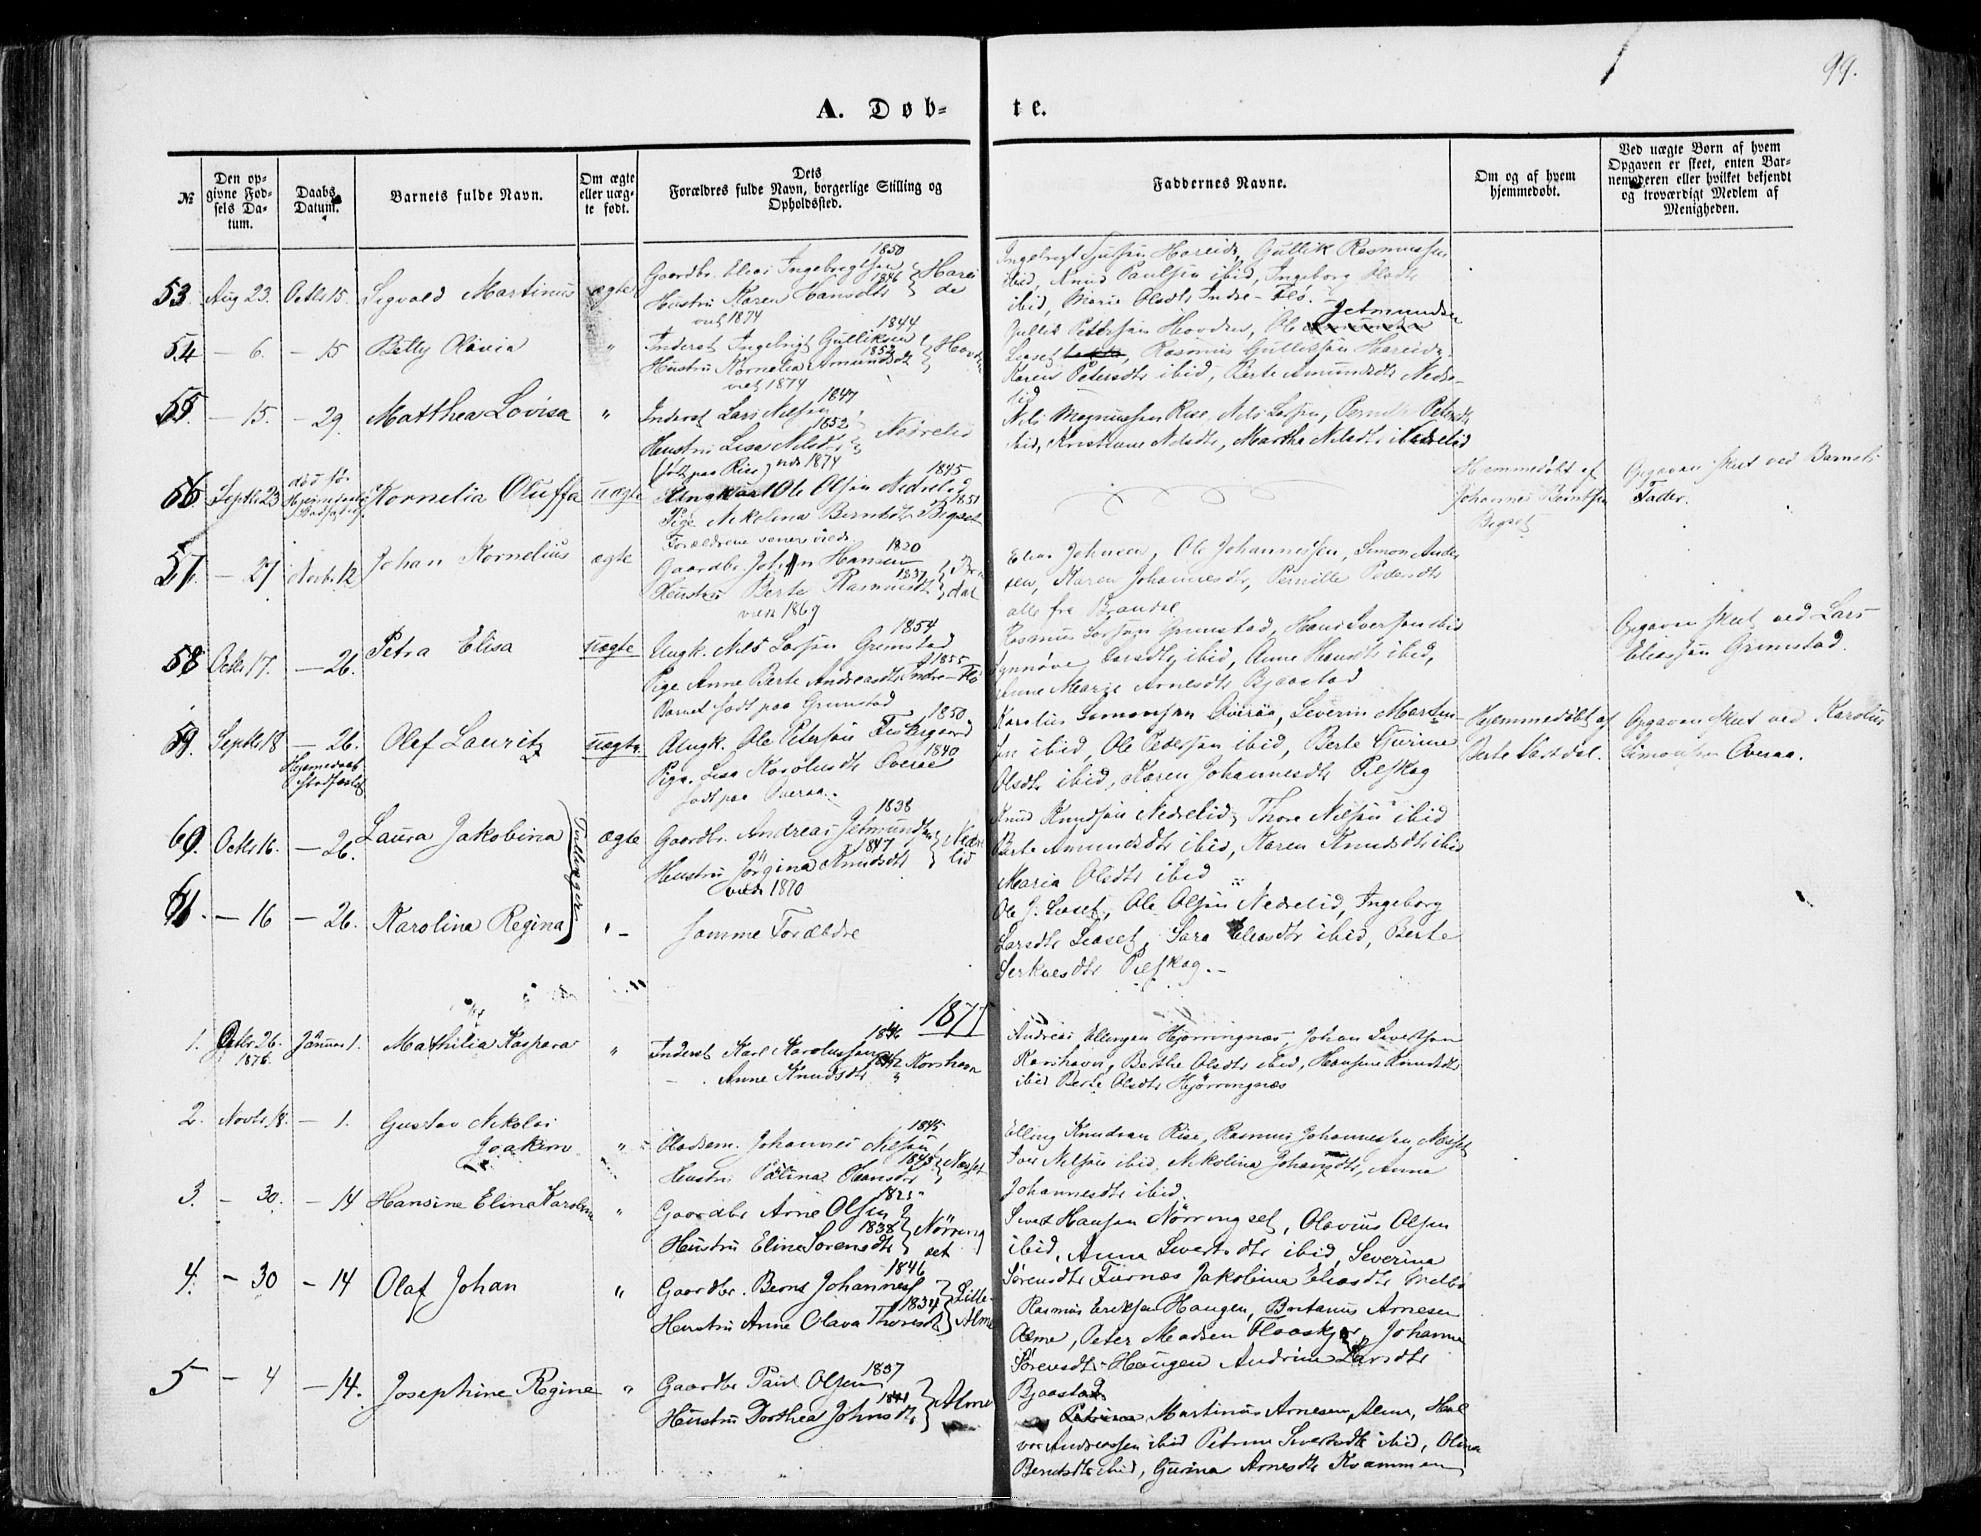 SAT, Ministerialprotokoller, klokkerbøker og fødselsregistre - Møre og Romsdal, 510/L0121: Parish register (official) no. 510A01, 1848-1877, p. 99